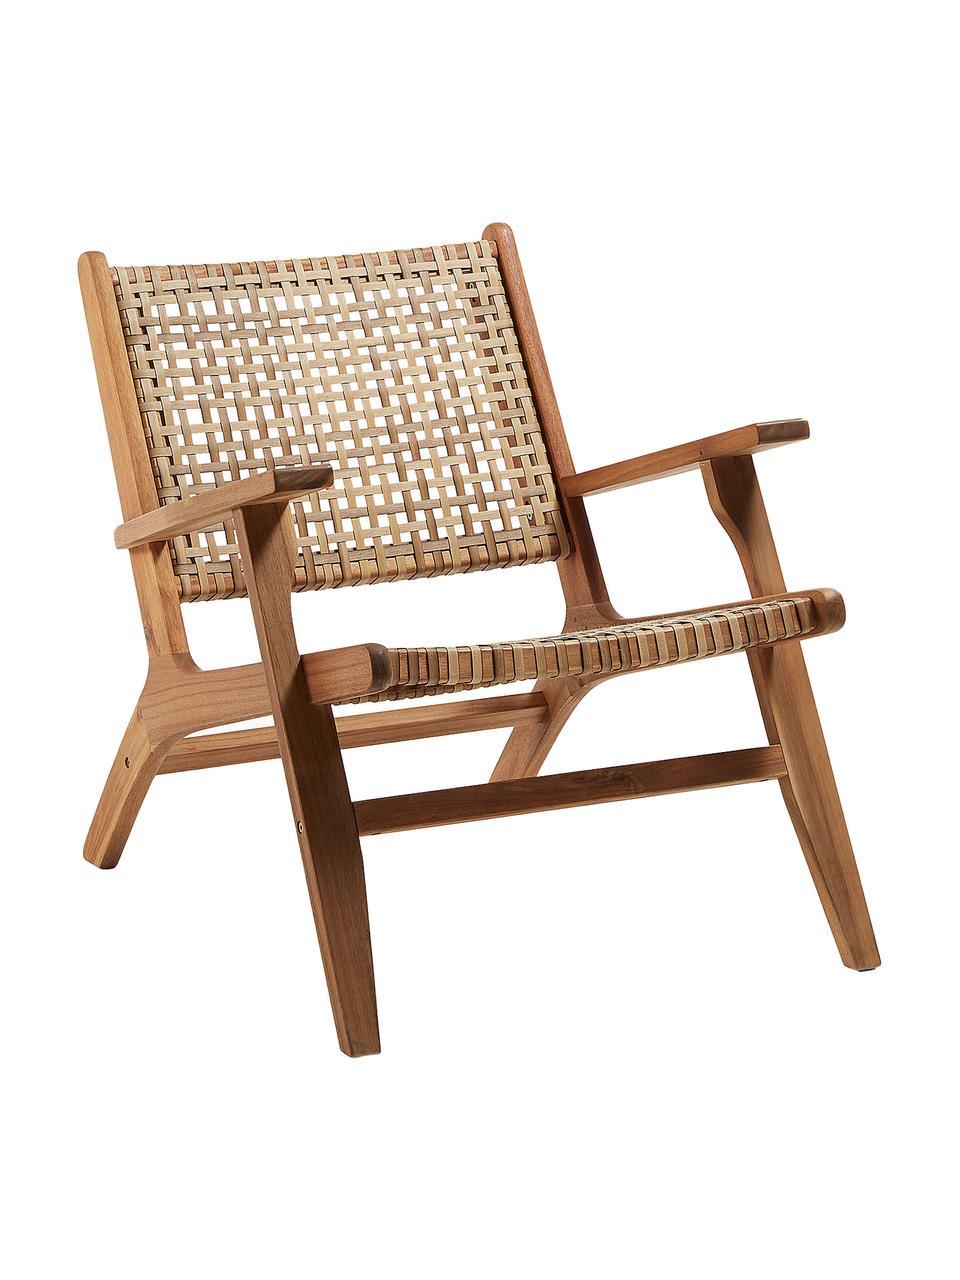 Fotel wypoczynkowy z rattanu Noon, Drewno akacjowe, S 68 x G 80 cm